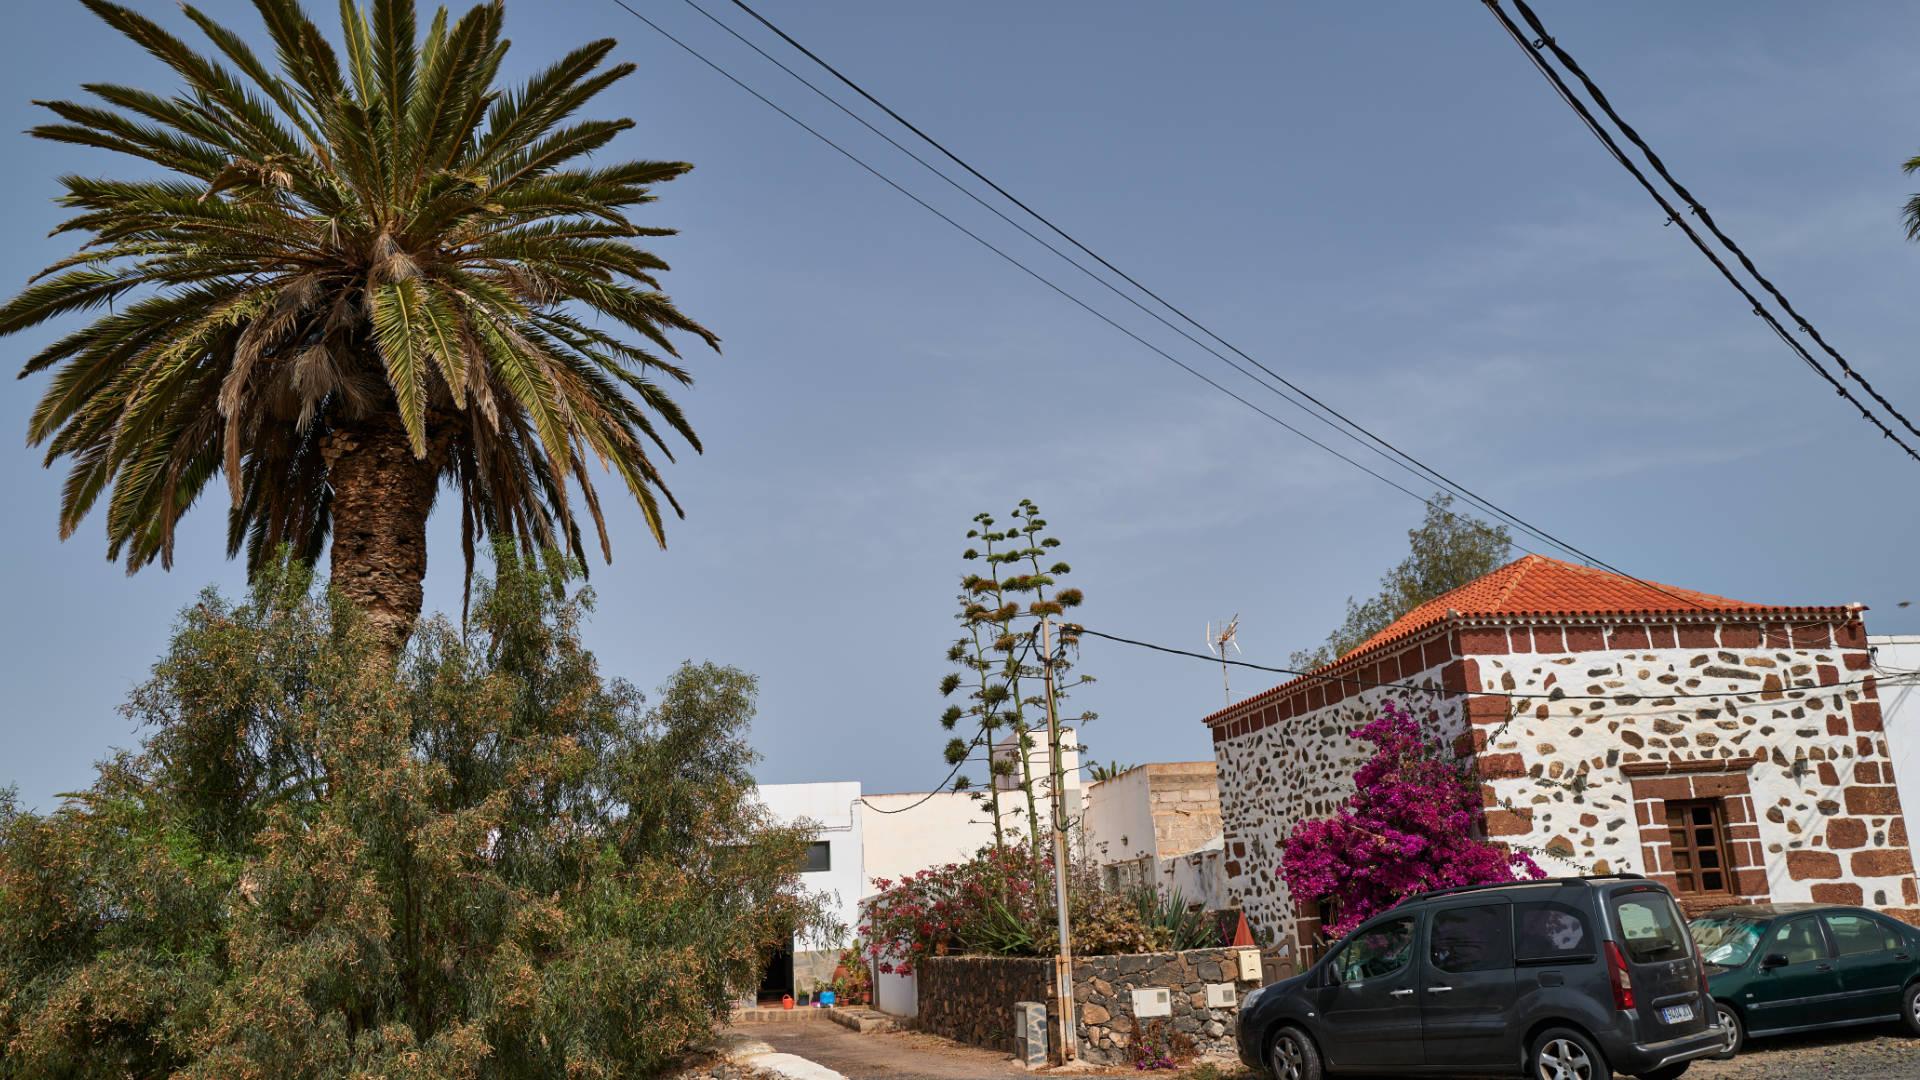 Der Ort Casillas del Ángel Fuerteventura.